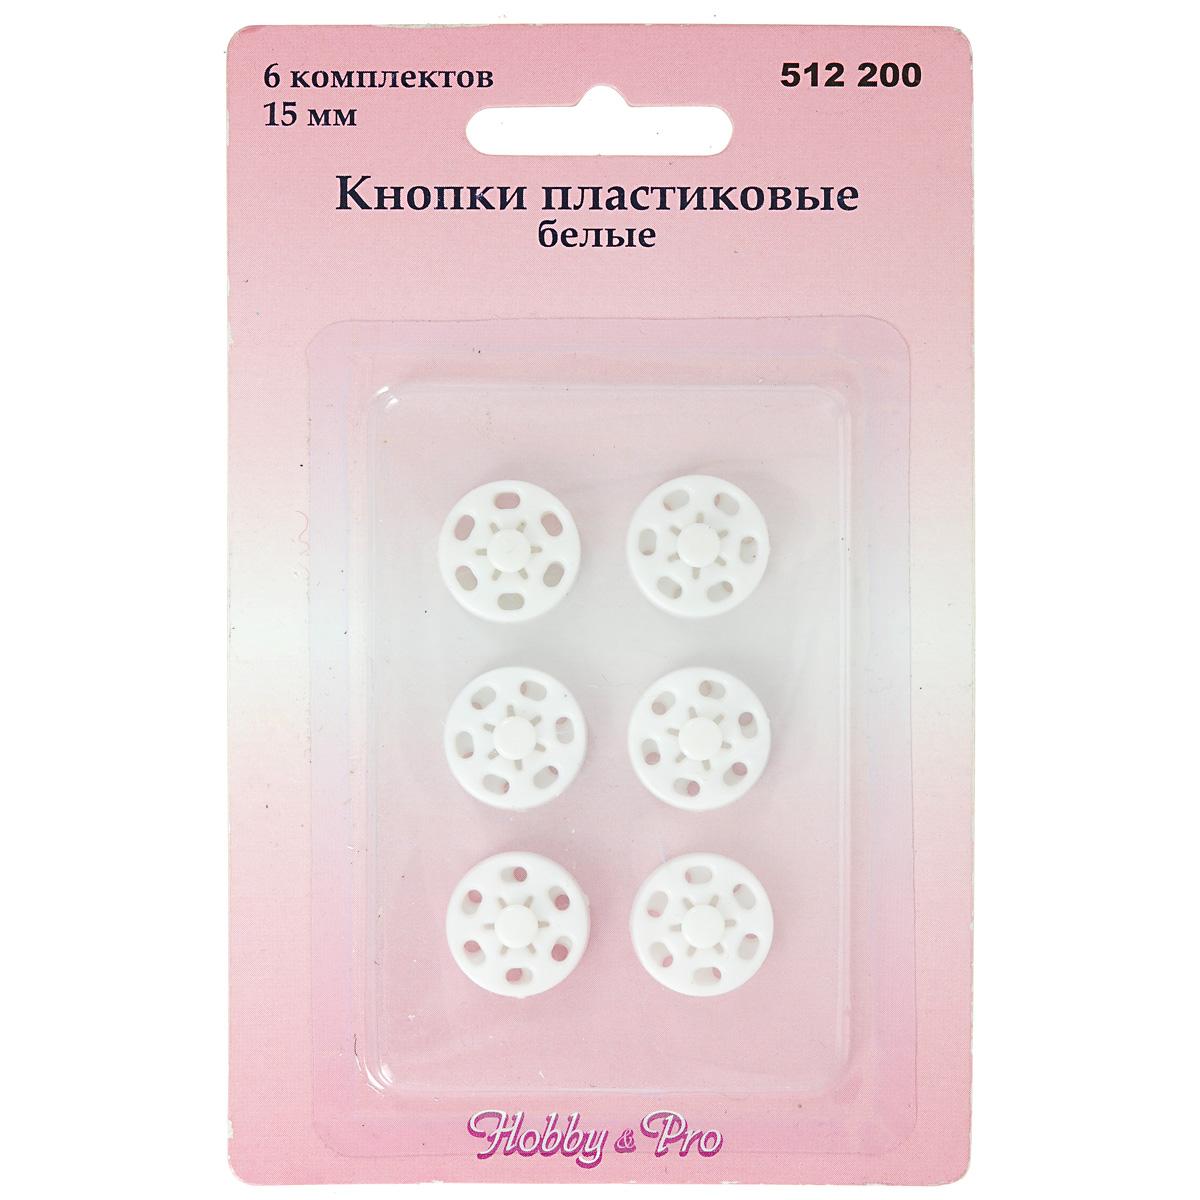 Кнопки Hobby&Pro, цвет: белый, диаметр 15 мм, 6 пар676710Кнопки Hobby&Pro изготовлены из пластика. Оснащены отверстием для фиксации. В комплекте - 6 пар кнопок. Используются при ремонте и пошиве одежды. Идеально подходит для одежды из легкой ткани.